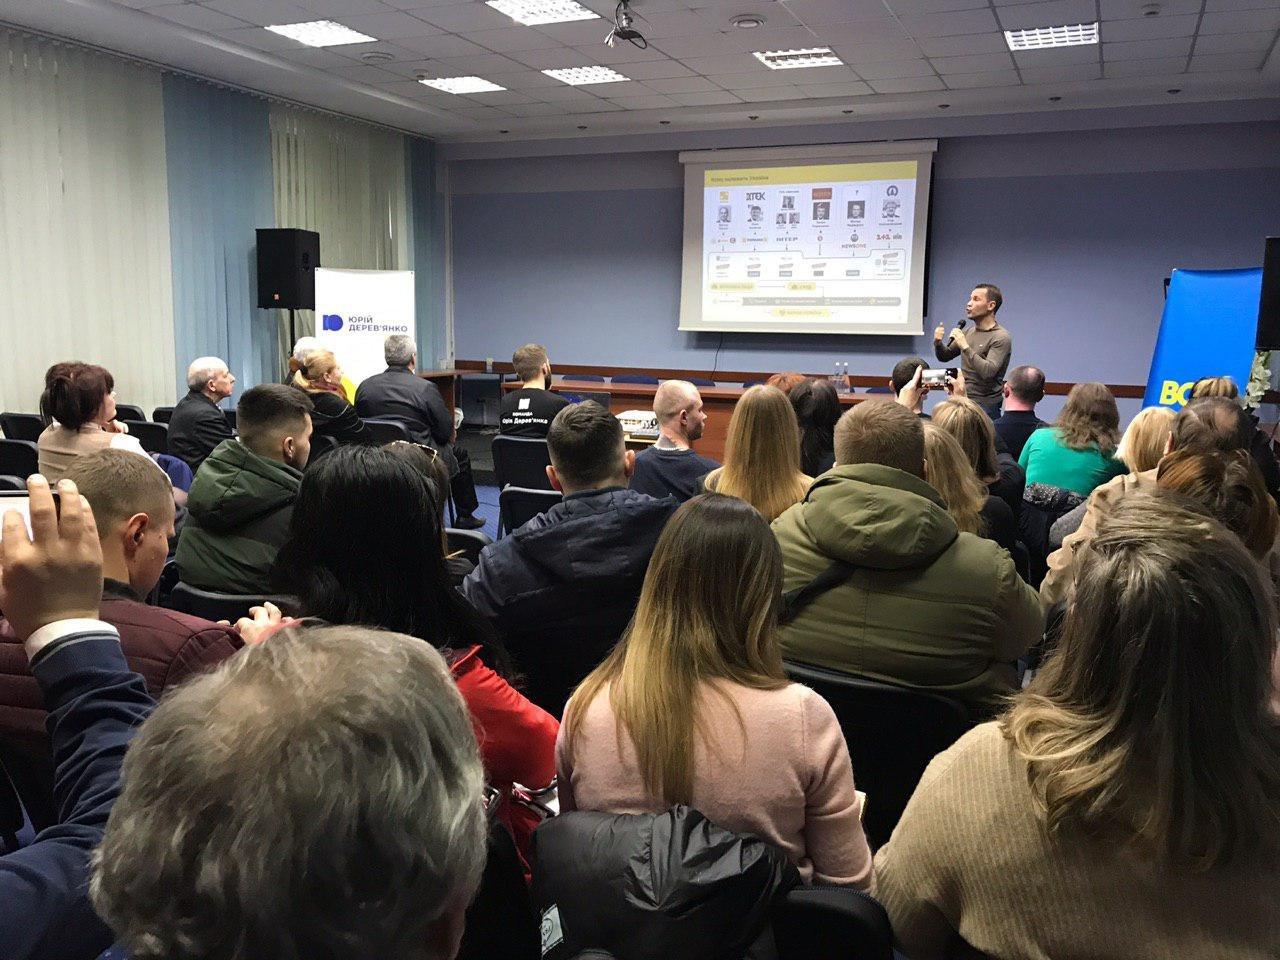 Дерев'янко у Рівному представив свою програму: 50% жінок у владі, 10% розмитнення авто та захист тварин (ФОТО, ВІДЕО), фото-2